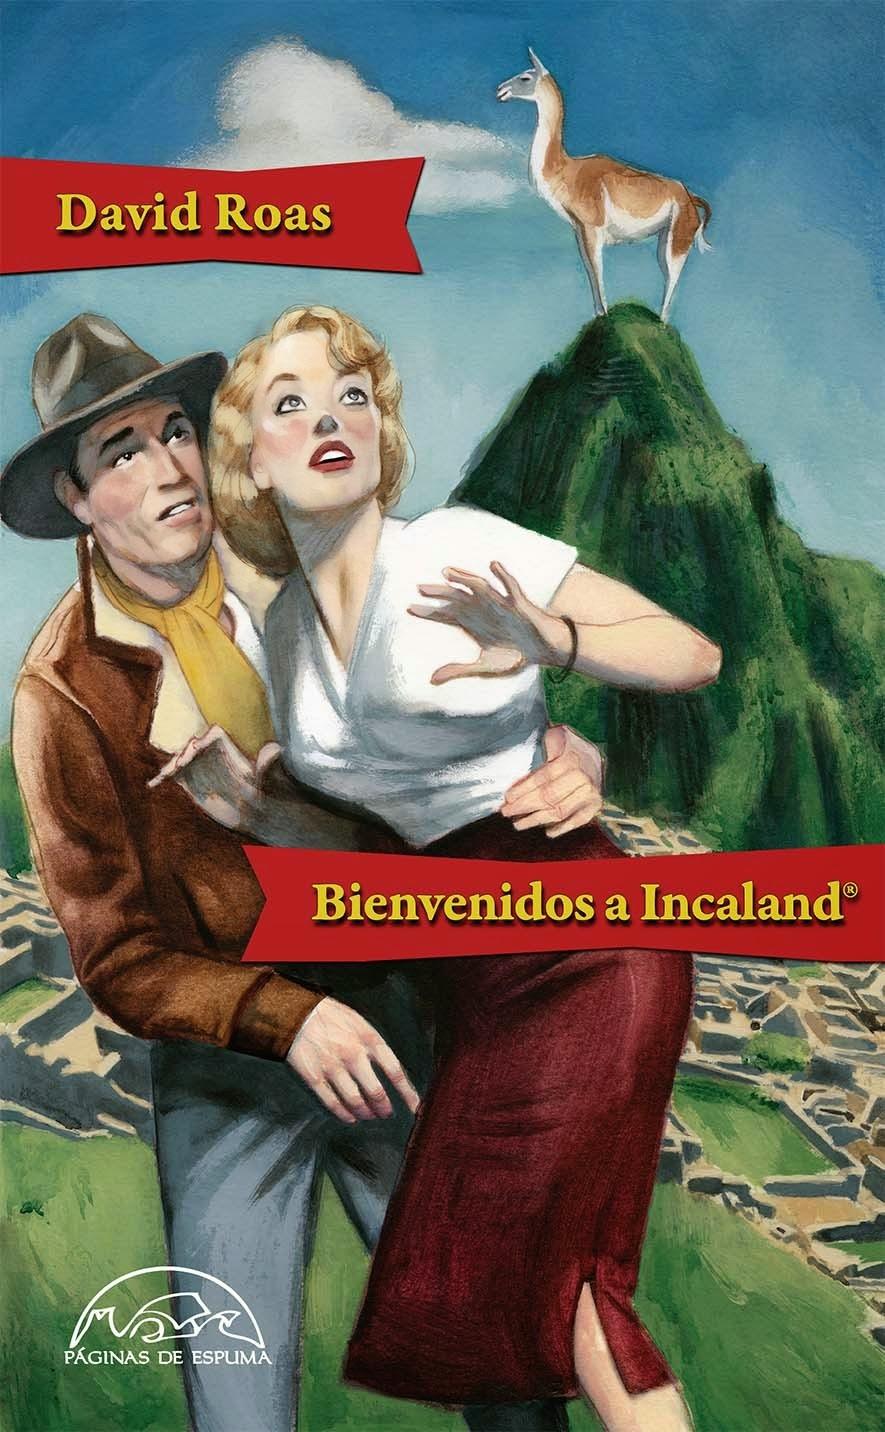 Bienvenidos a Incaland - David Roas